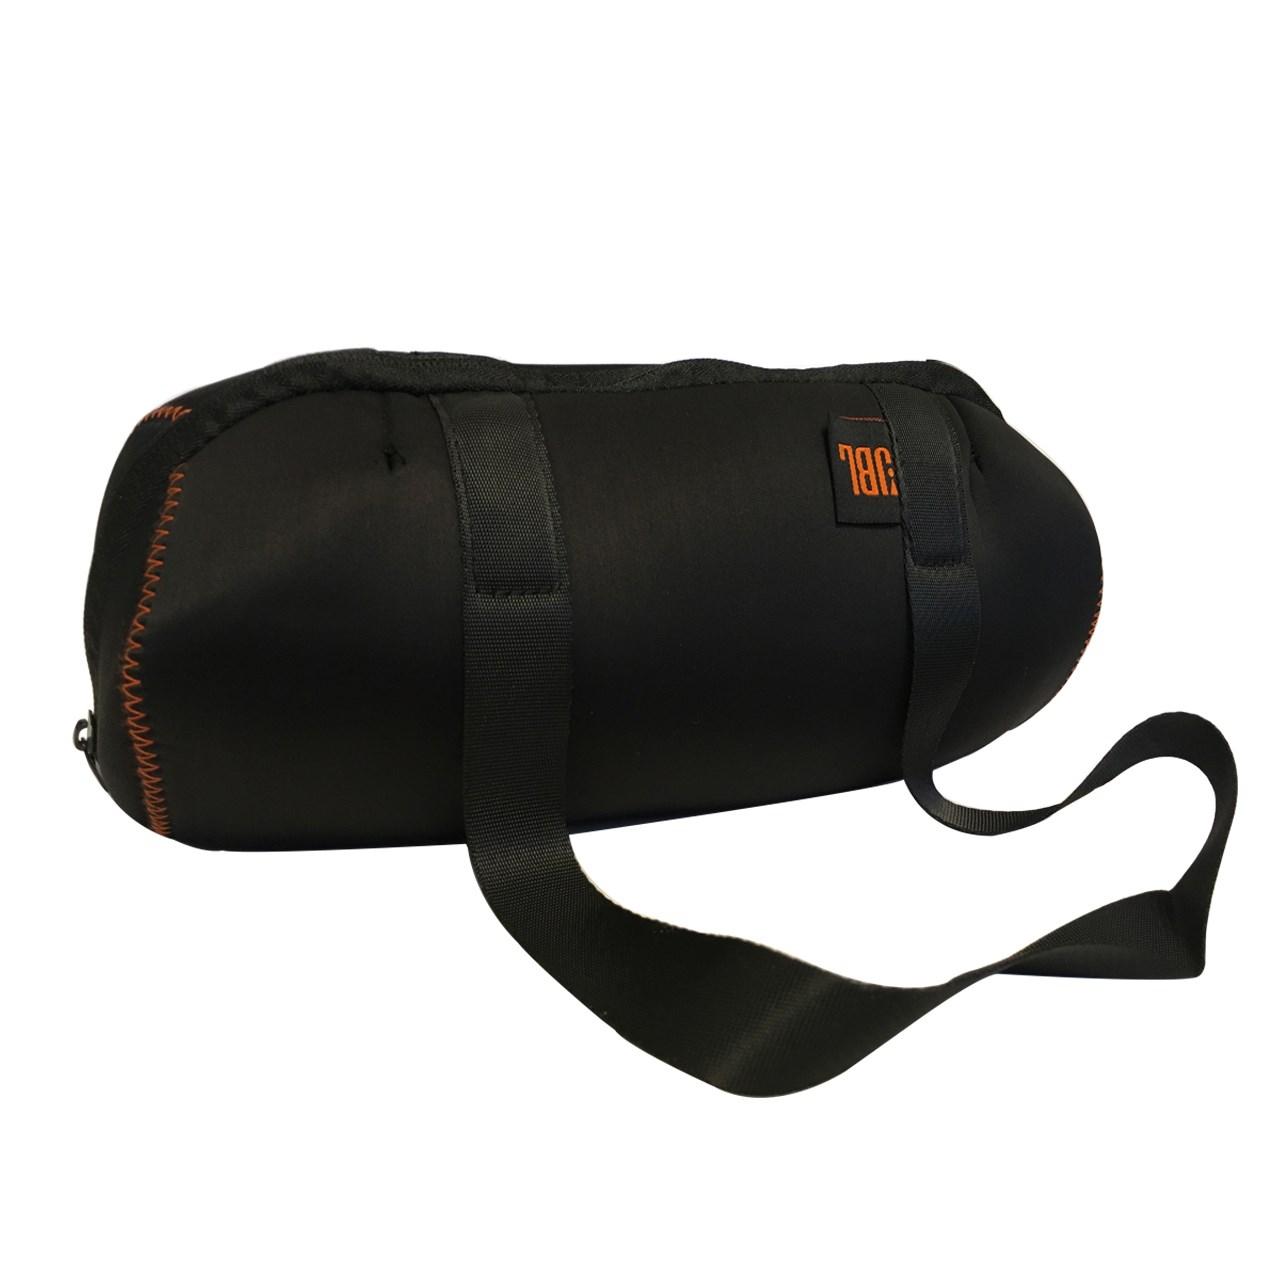 کیف حمل اسپیکر مدل اکستریم مناسب برای اسپیکر جی بی ال